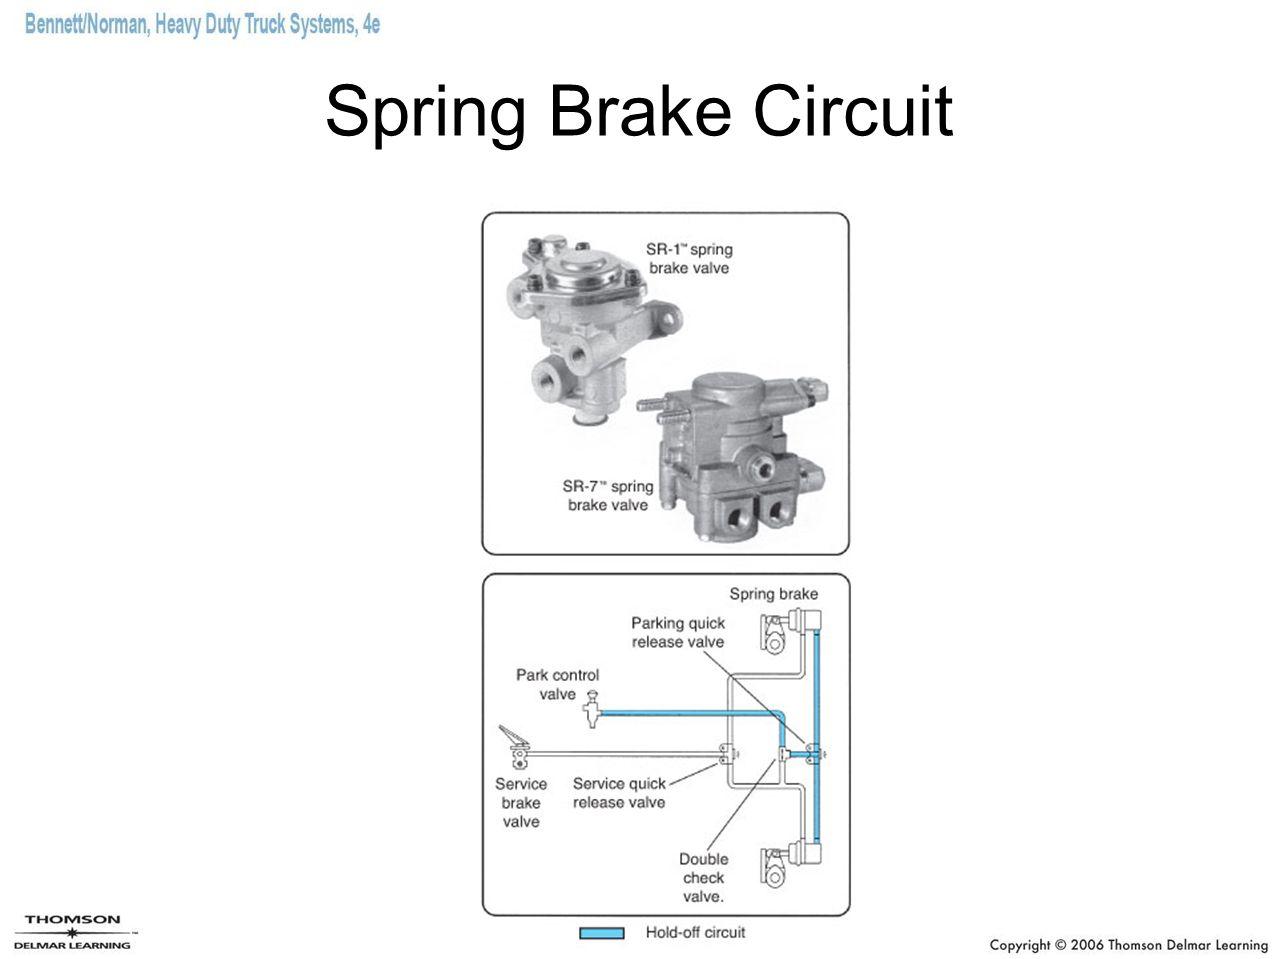 Spring Brake Circuit